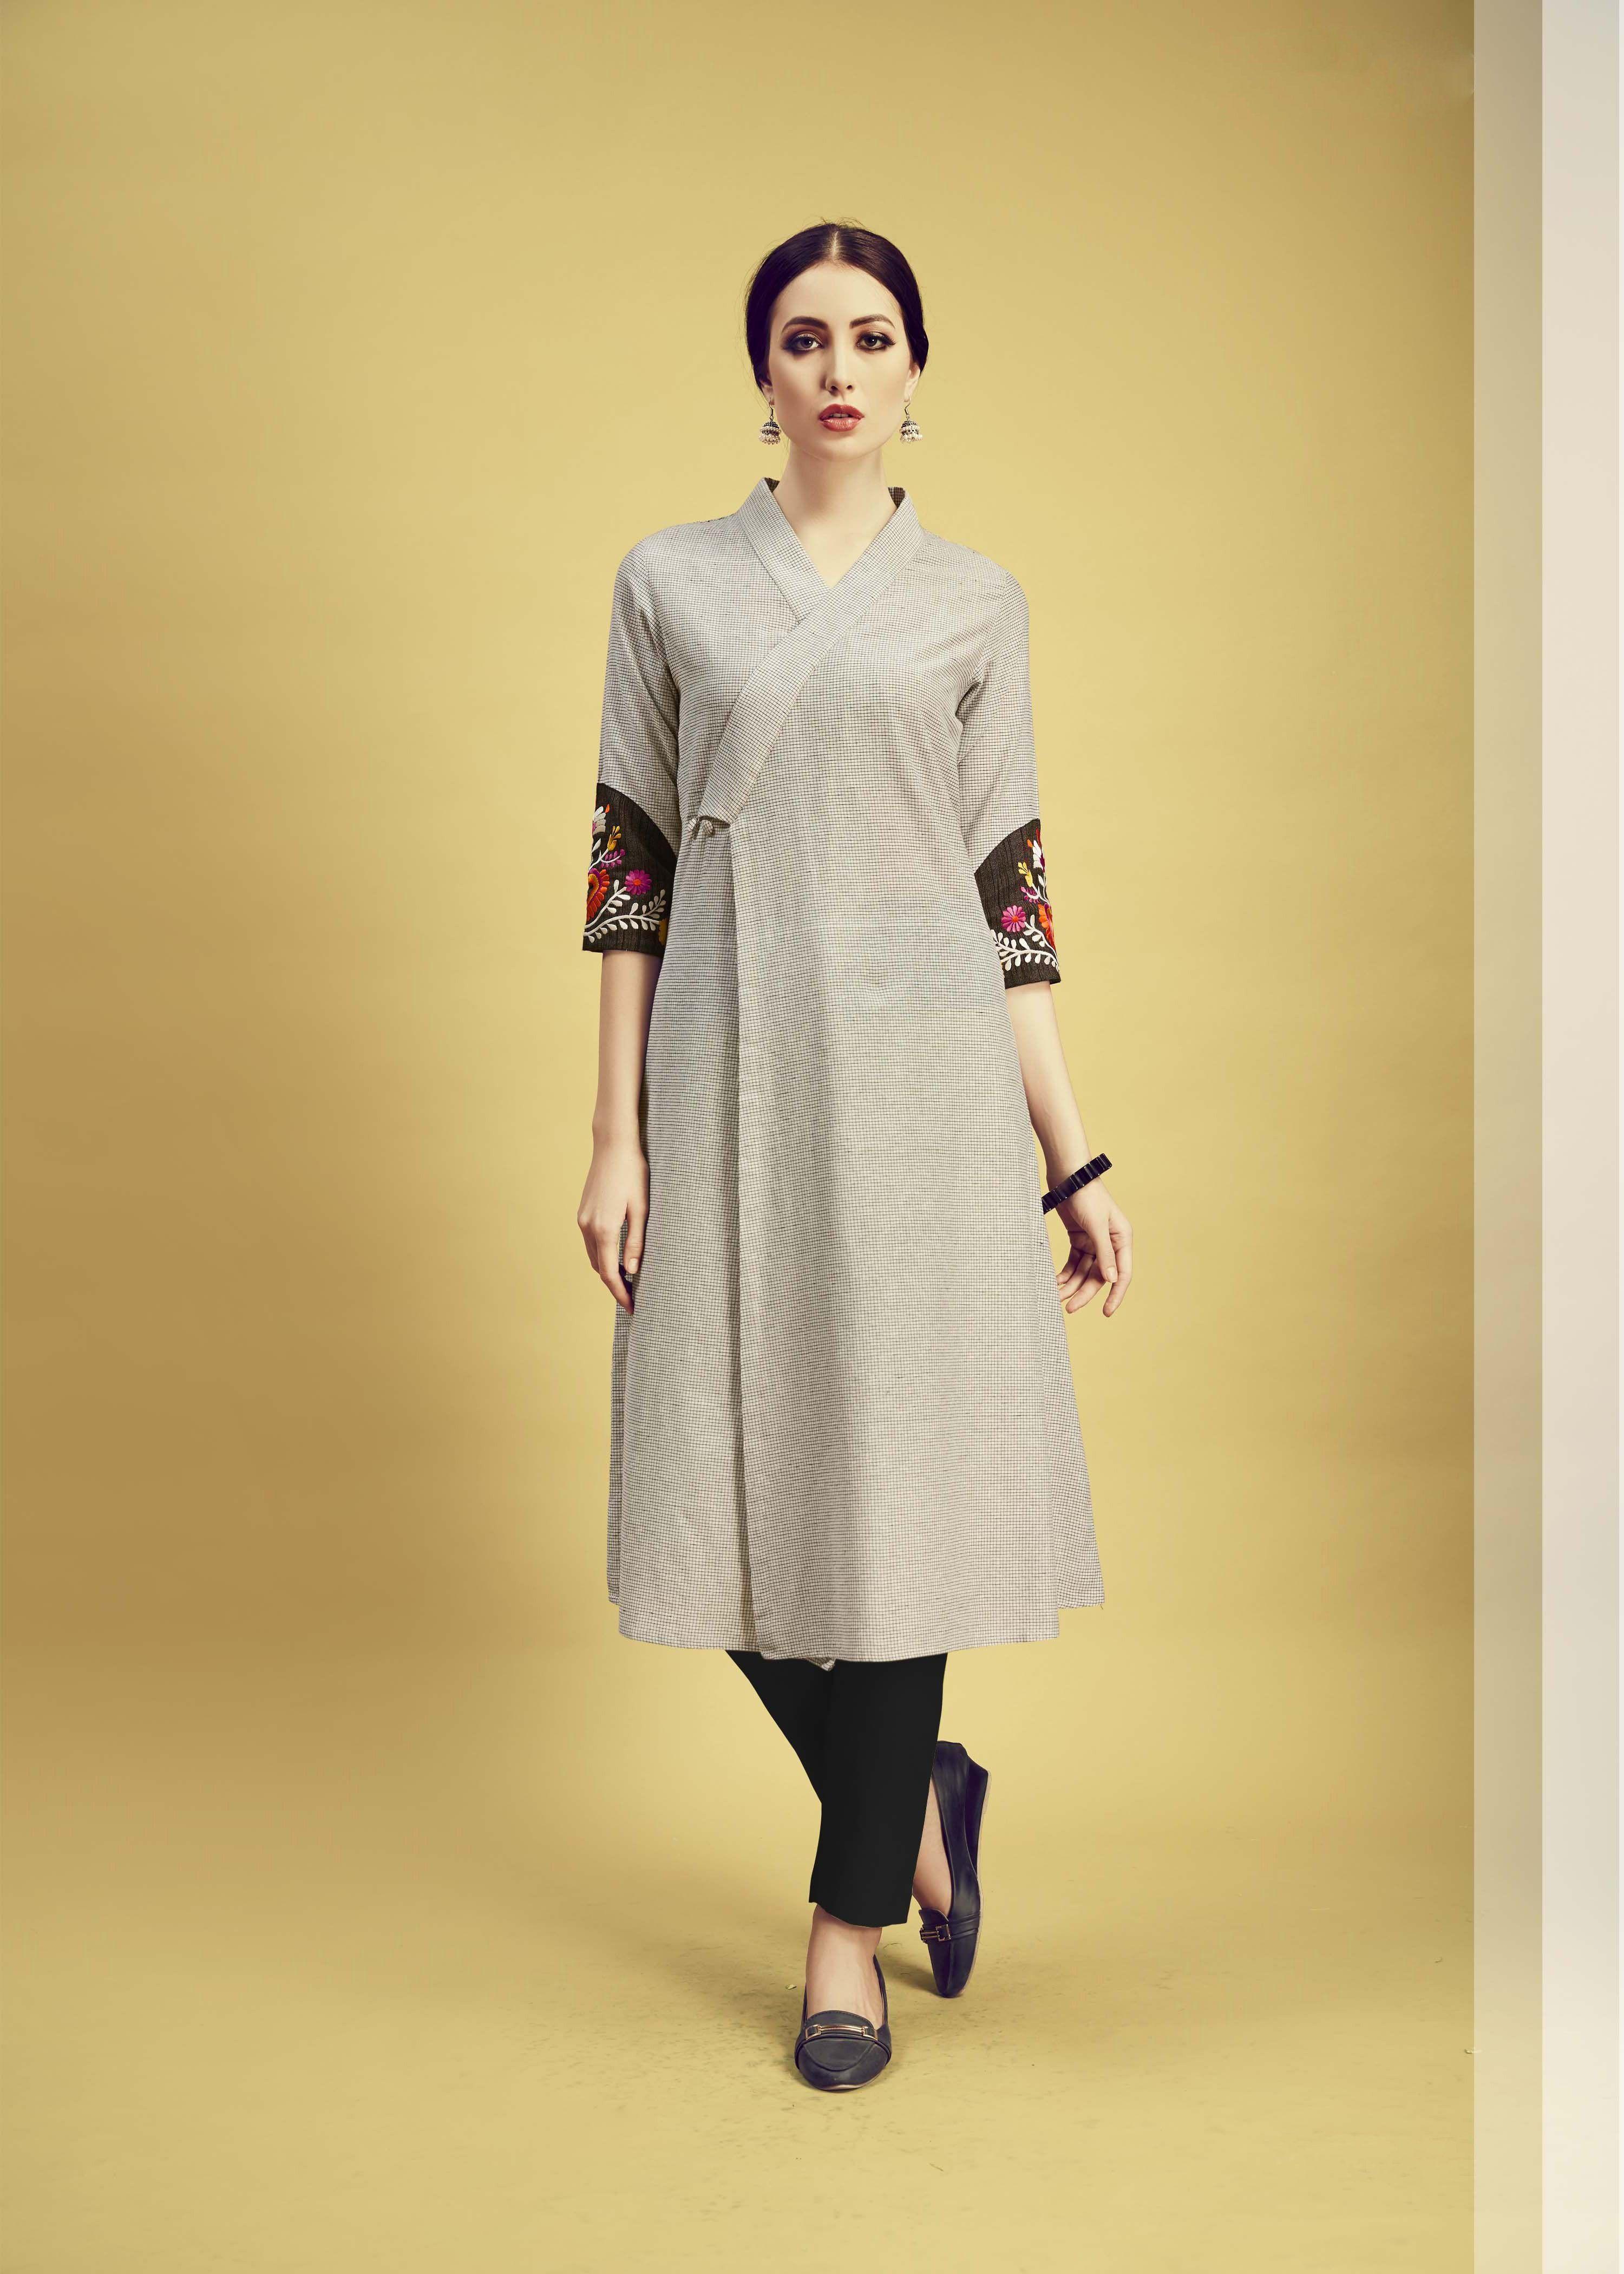 8839a26673199 Buy Light Grey Color Cotton Stitched Kurti   Zinnga   Kurtis/Kurtas ...